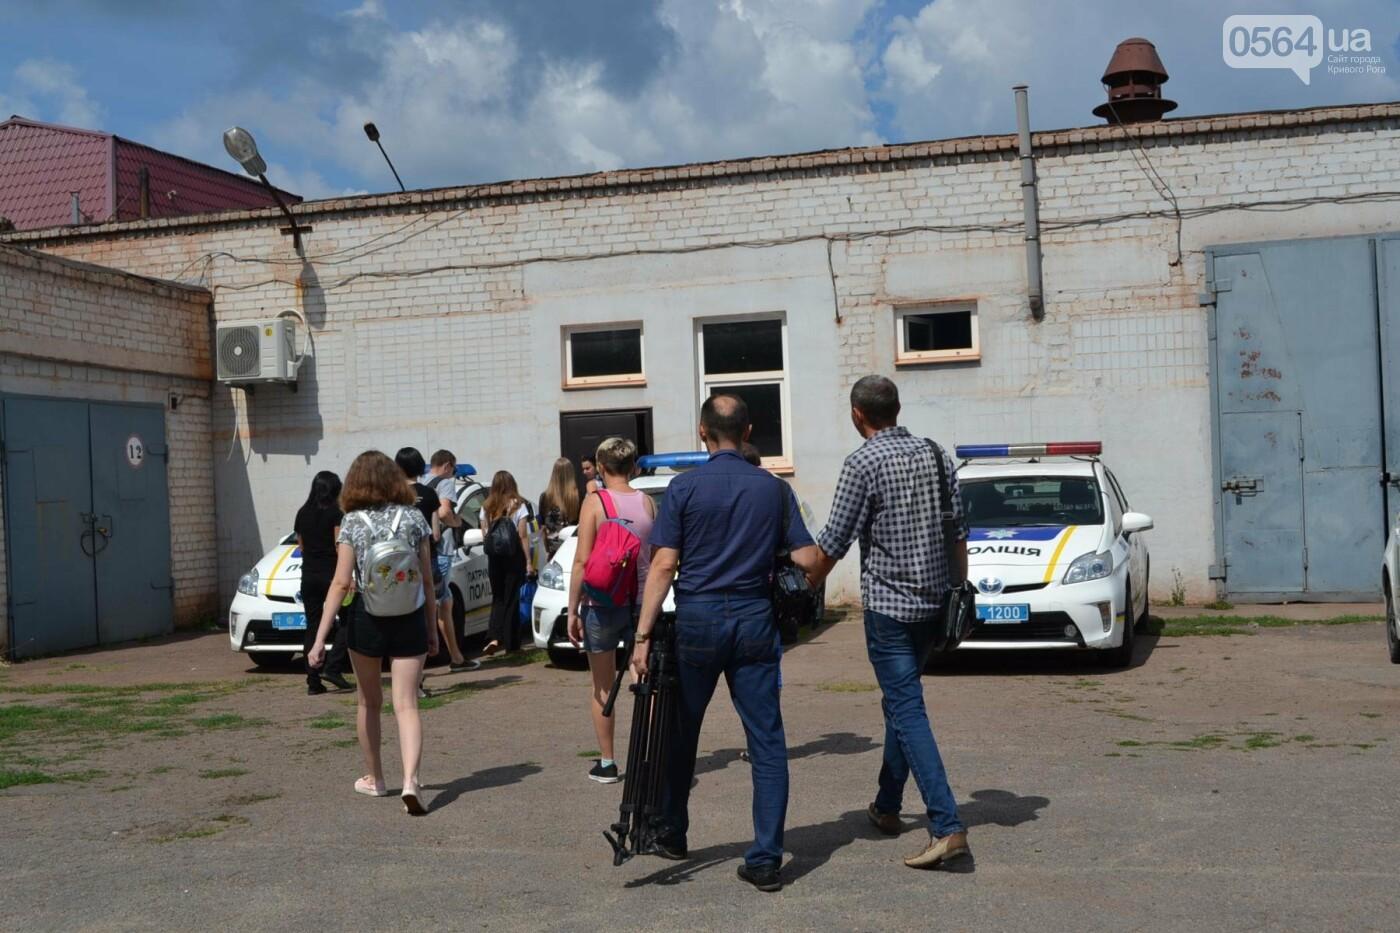 Патрульные начали обучать криворожанок приемам самообороны, - ФОТО, фото-12